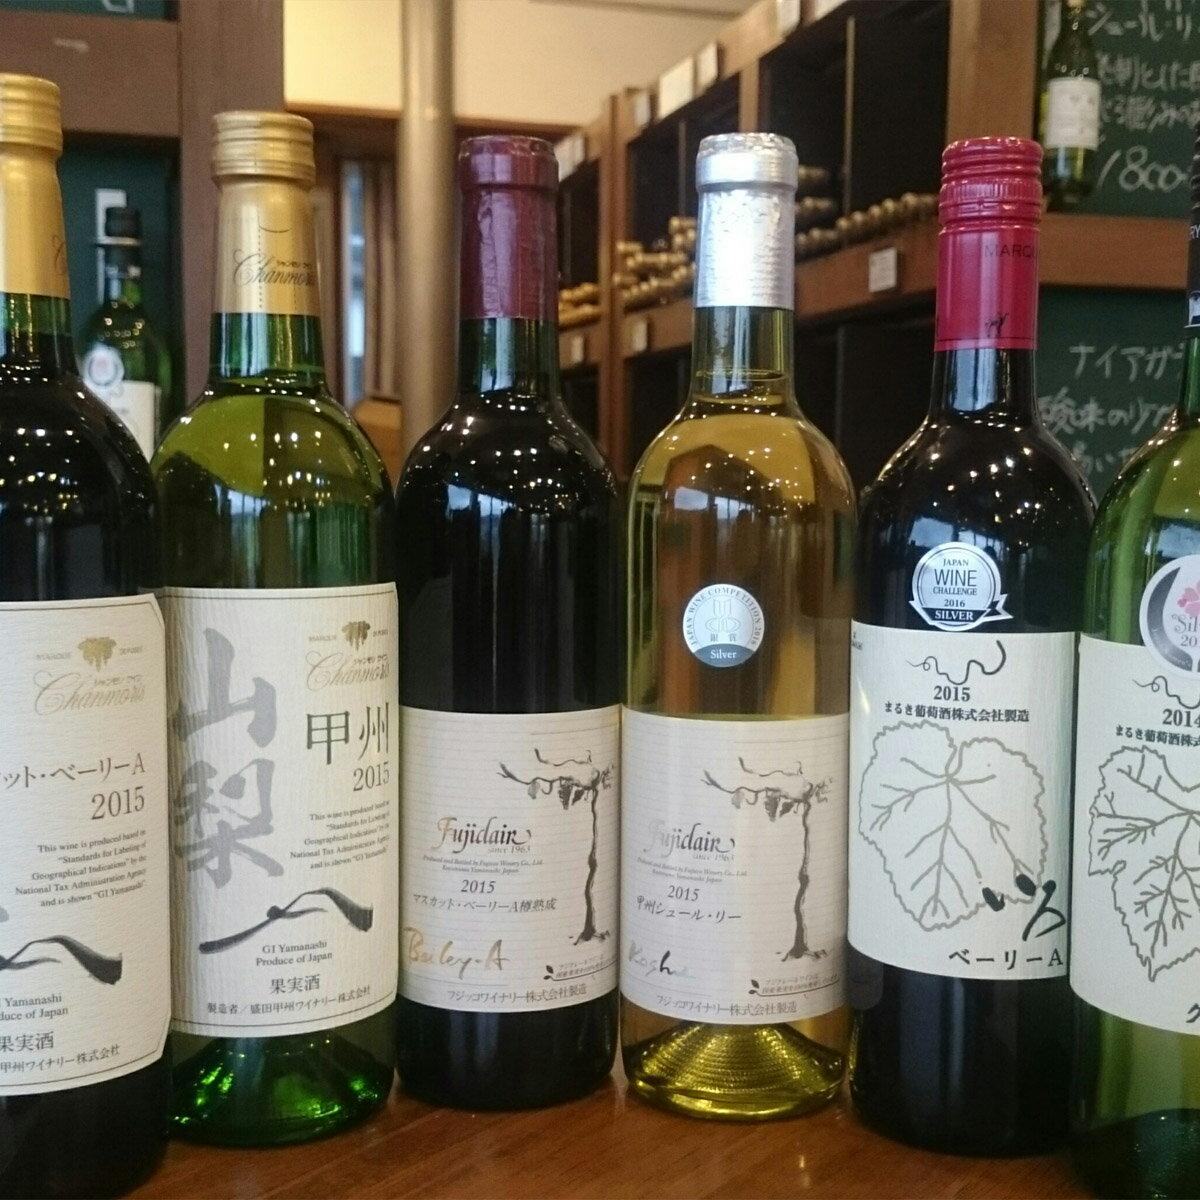 【ふるさと納税】原産地呼称ワイン 6本セット R308☆世界に認められた山梨より厳選。